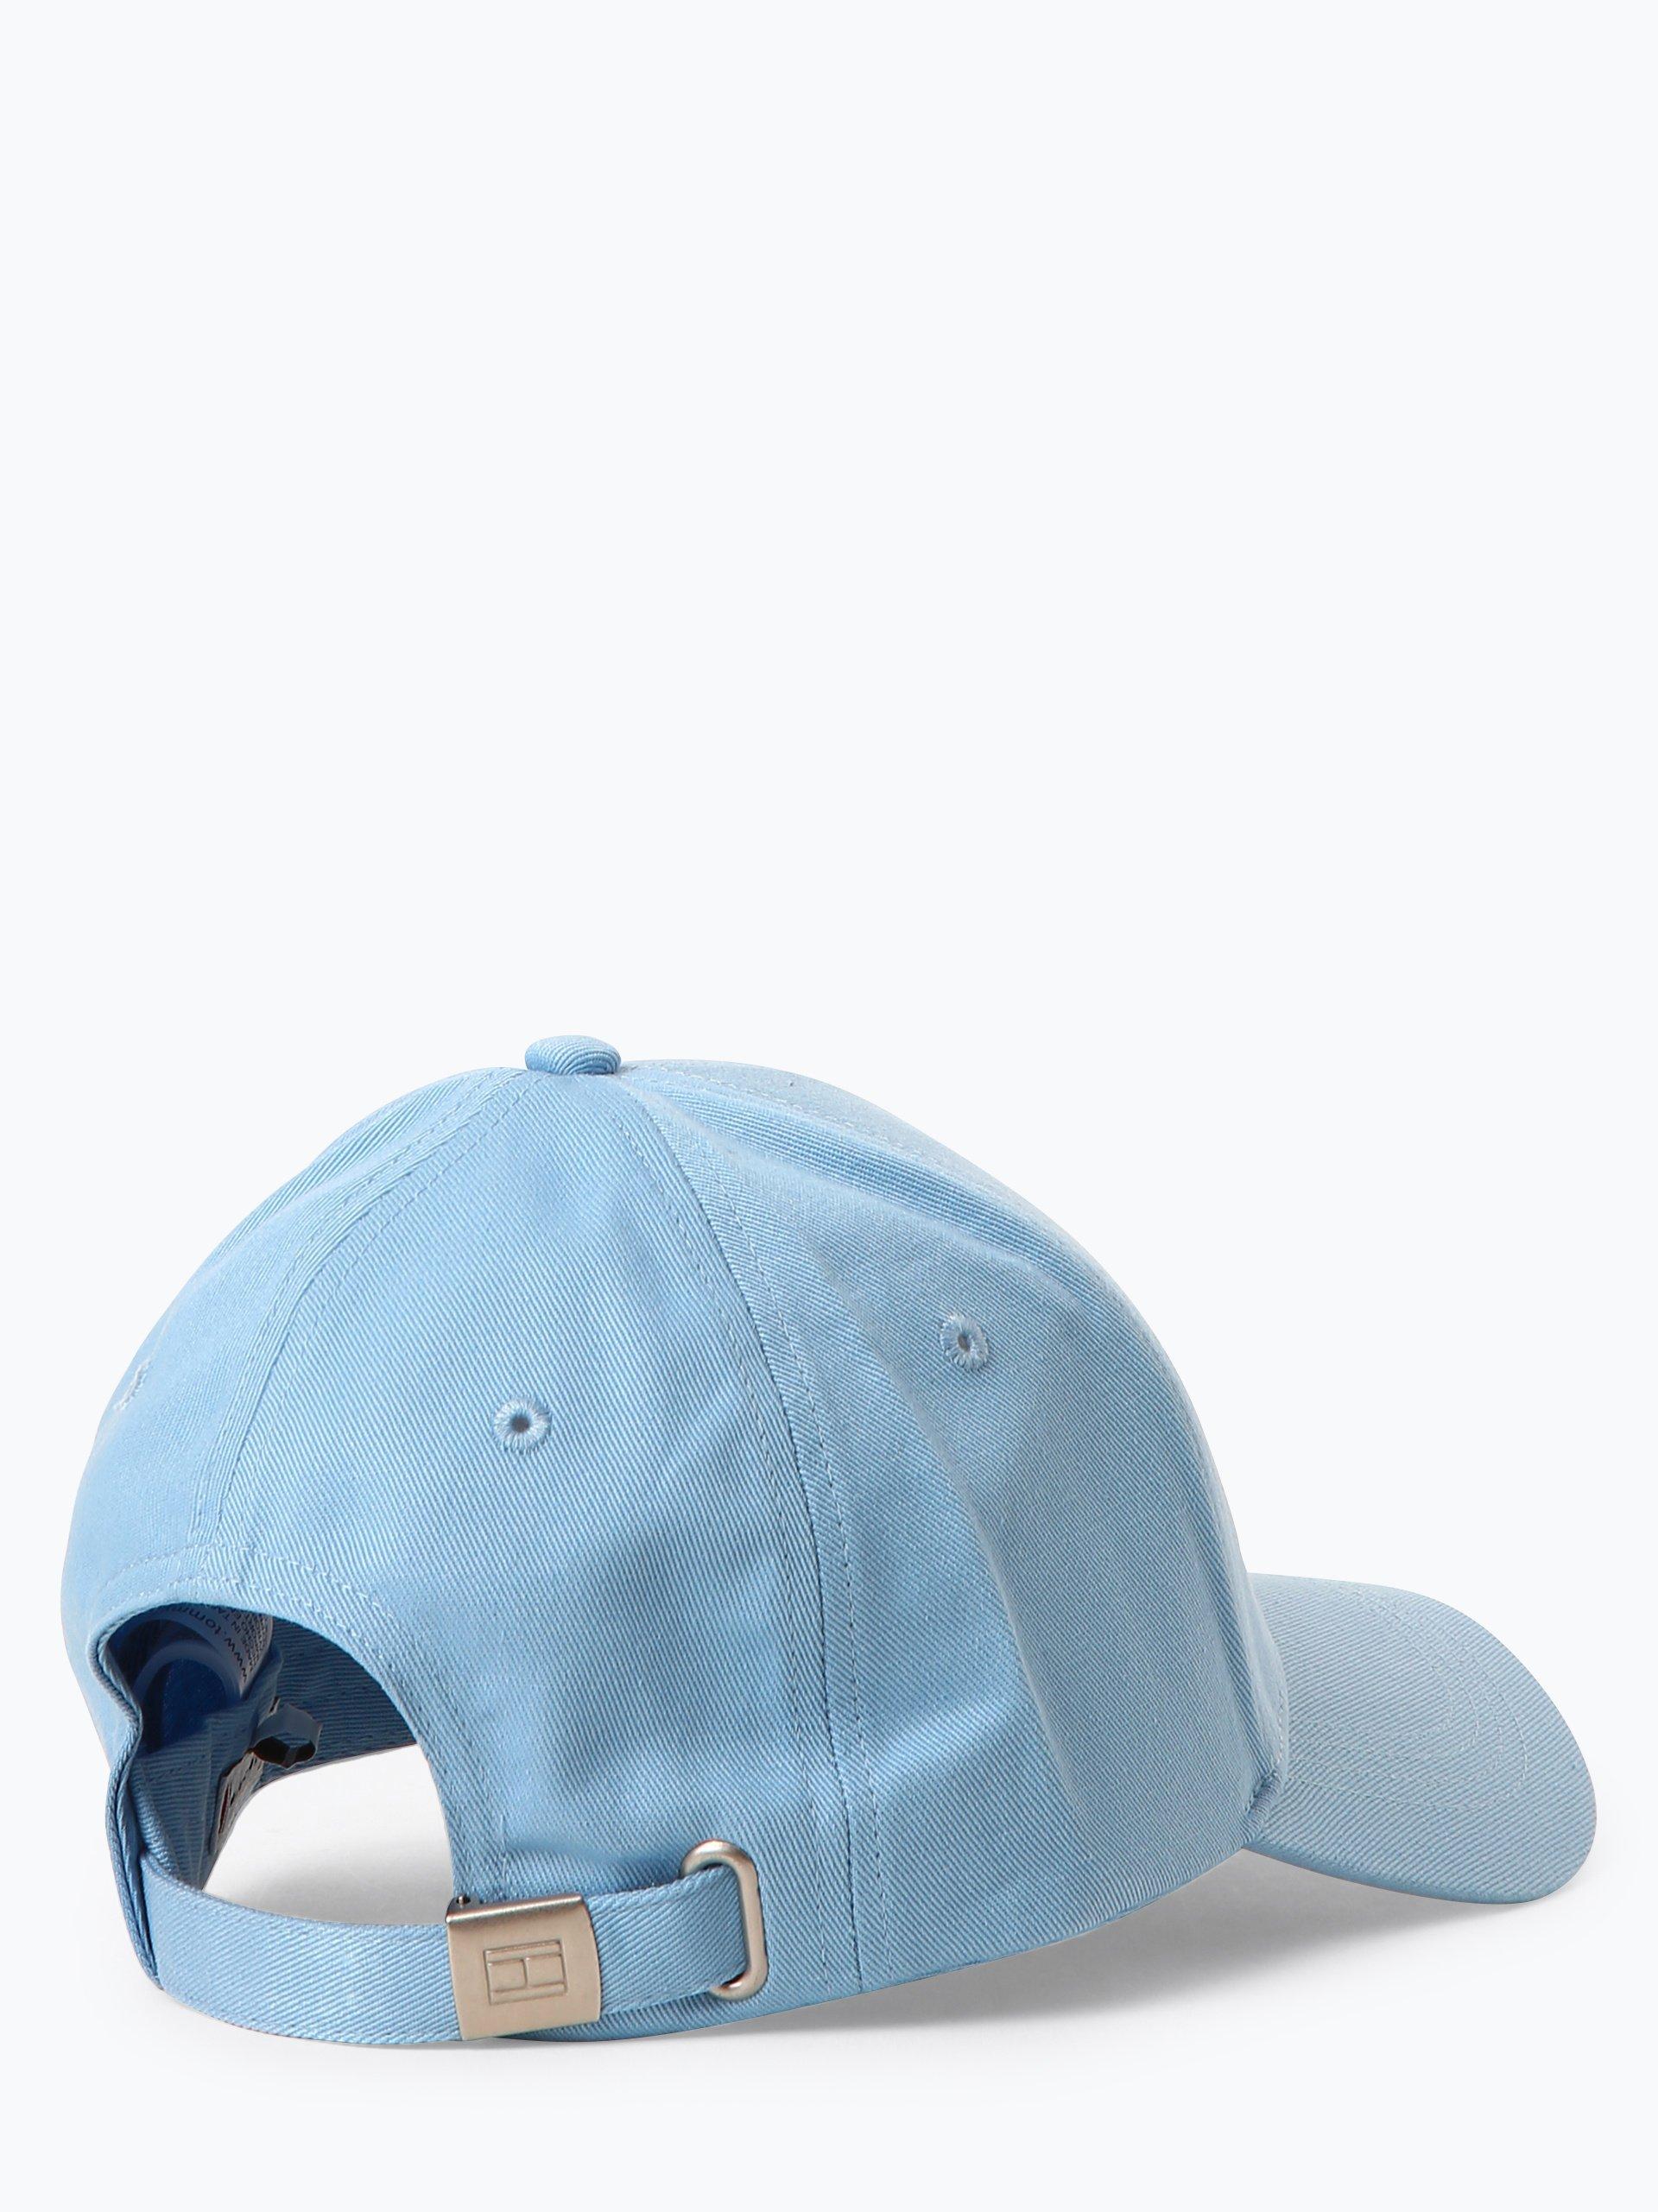 Tommy Hilfiger Damska czapka z daszkiem